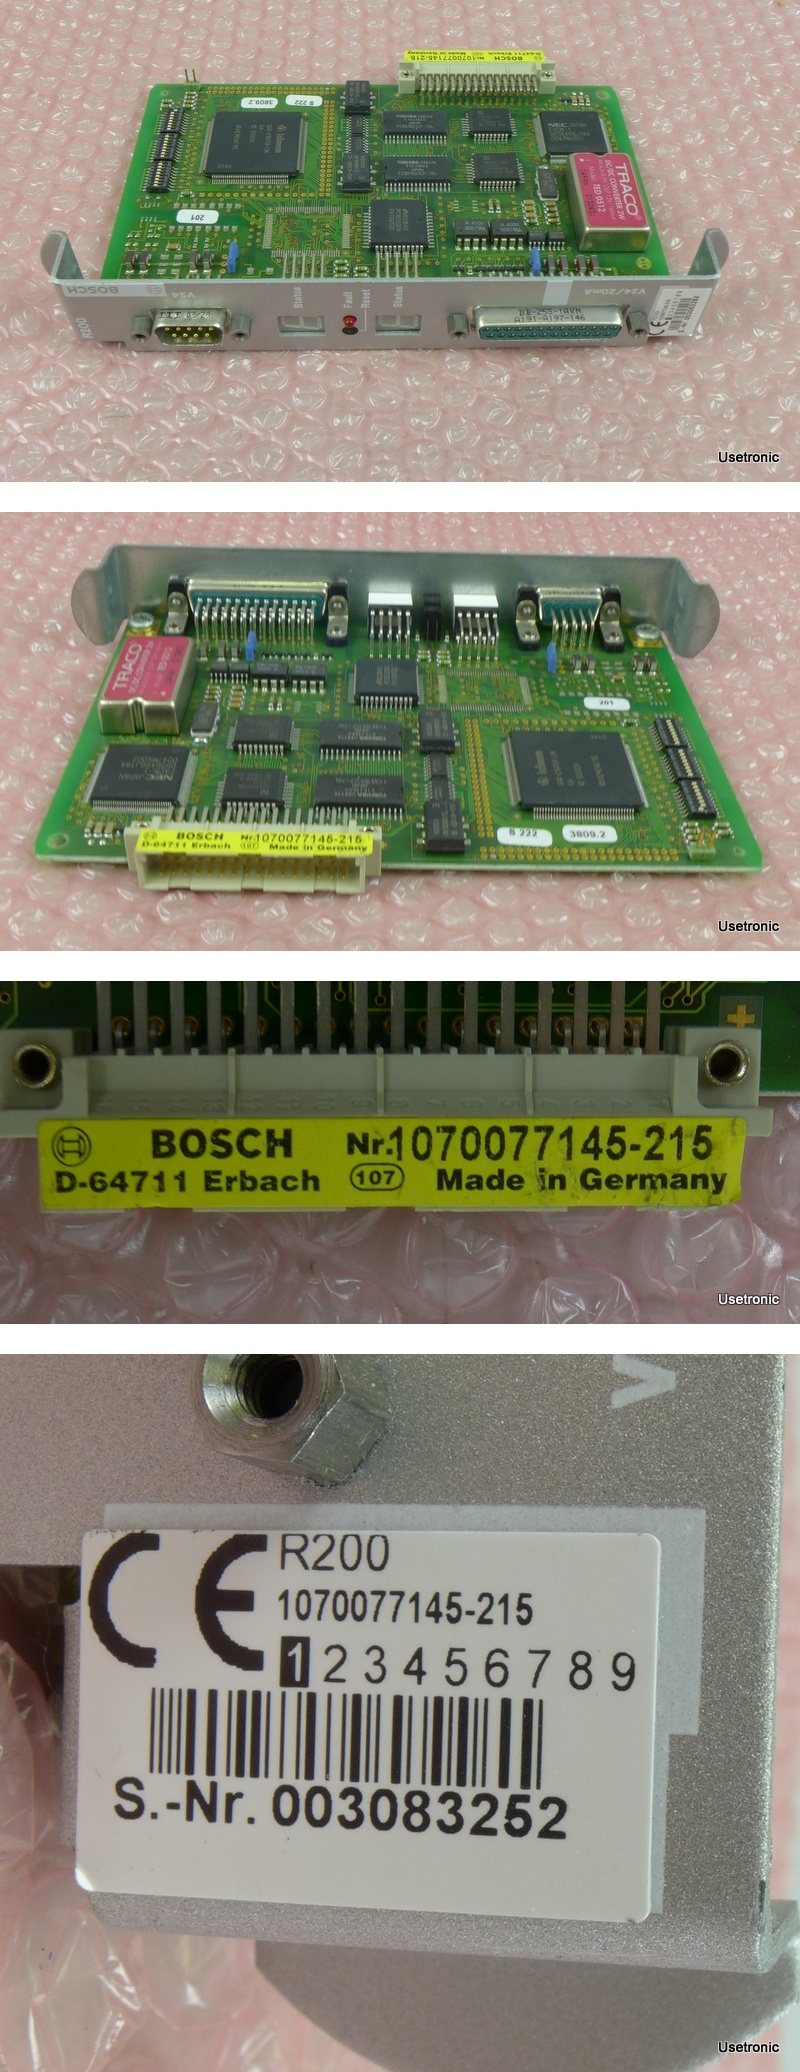 Bosch R200 1070077145-215